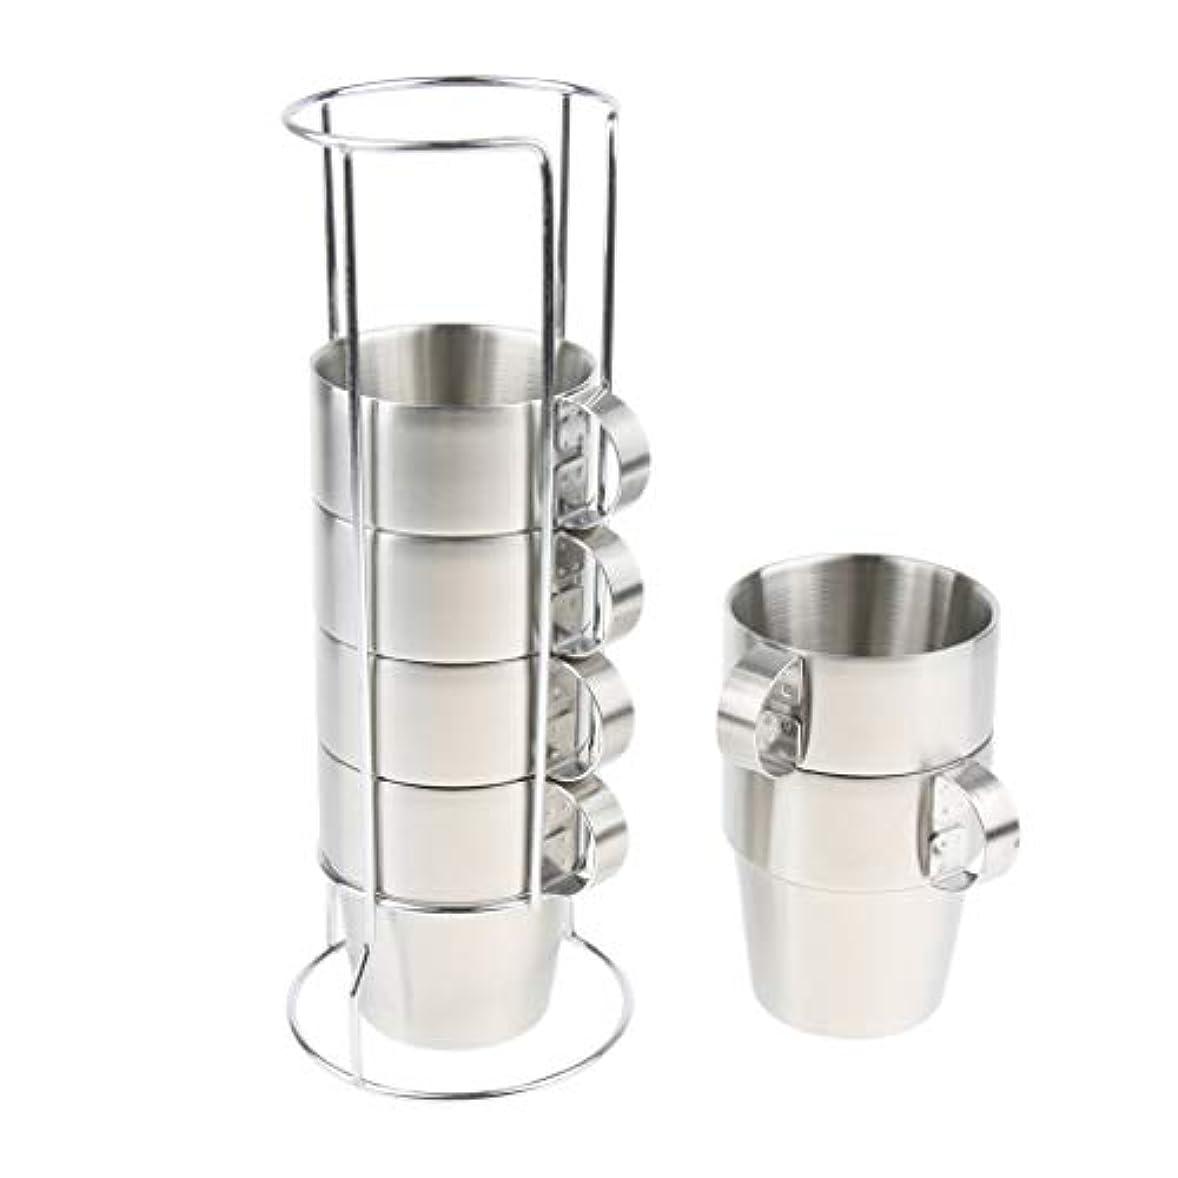 取り替えるちらつき擬人Fenteer 6個 ステンレス製 断熱カップ マグカップ